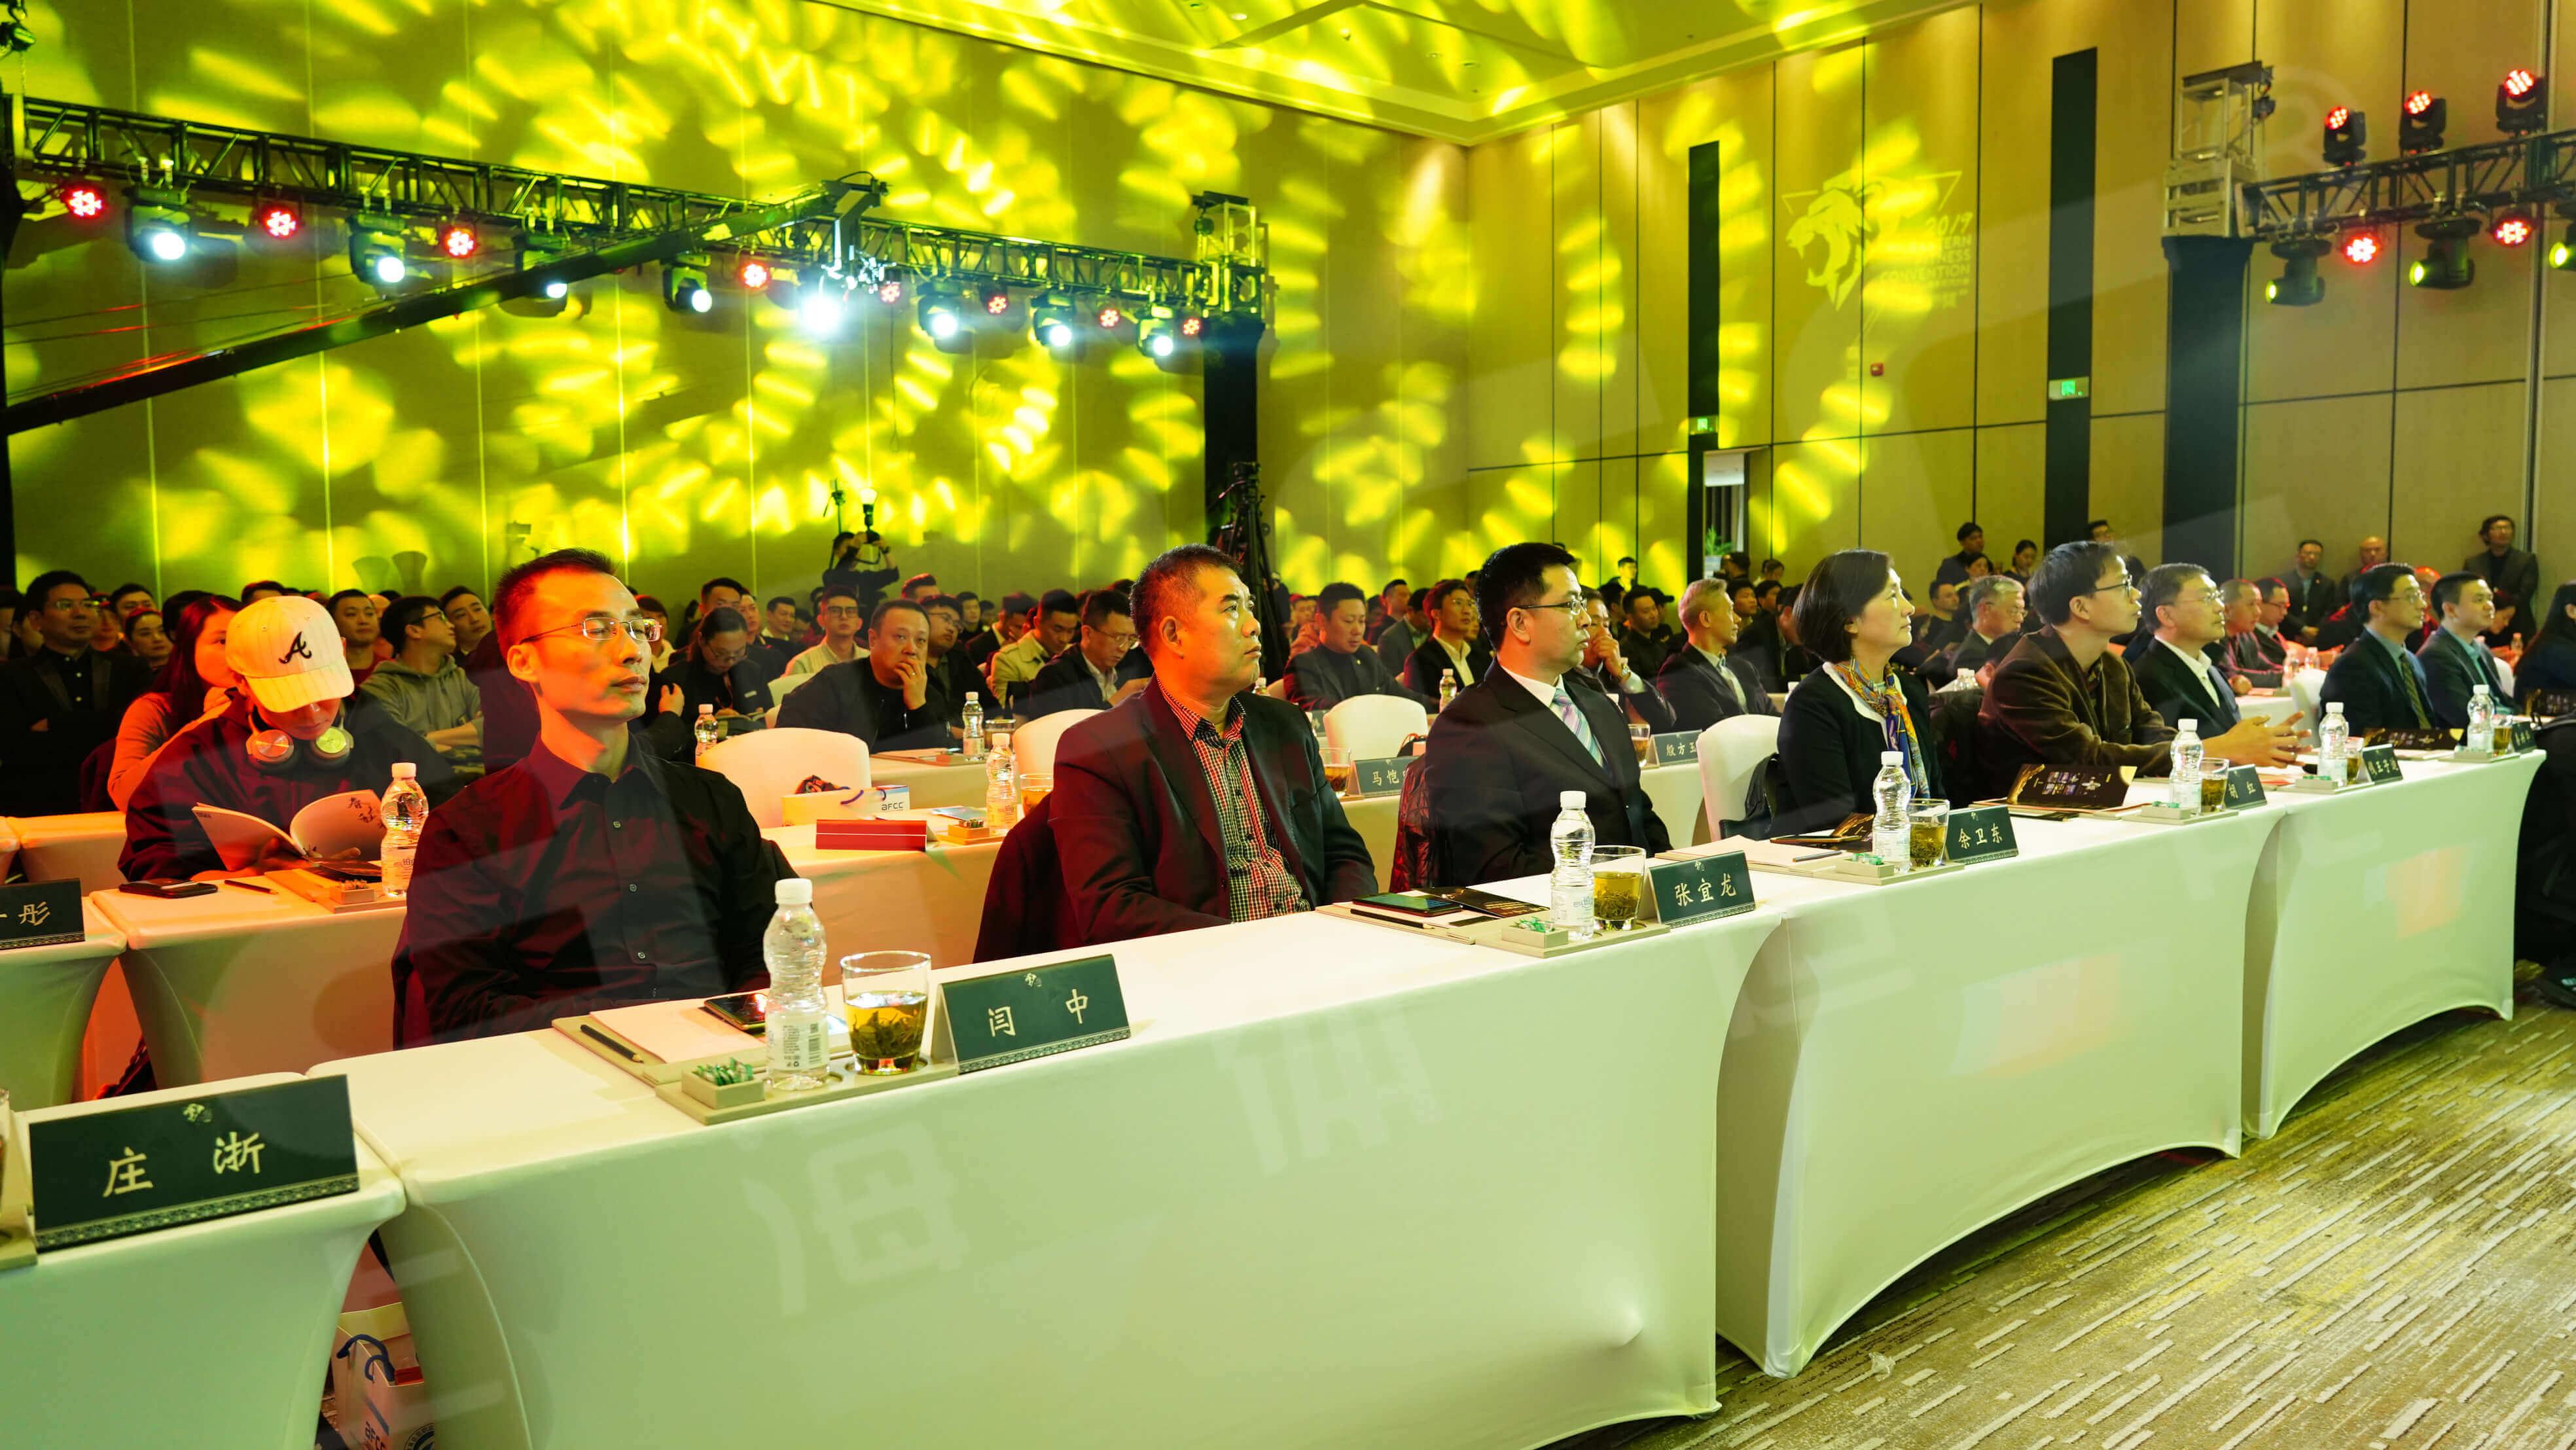 此次大会将有国家体育总局、上海市体育局领导以及众多业内大咖、品牌巨头出席会场